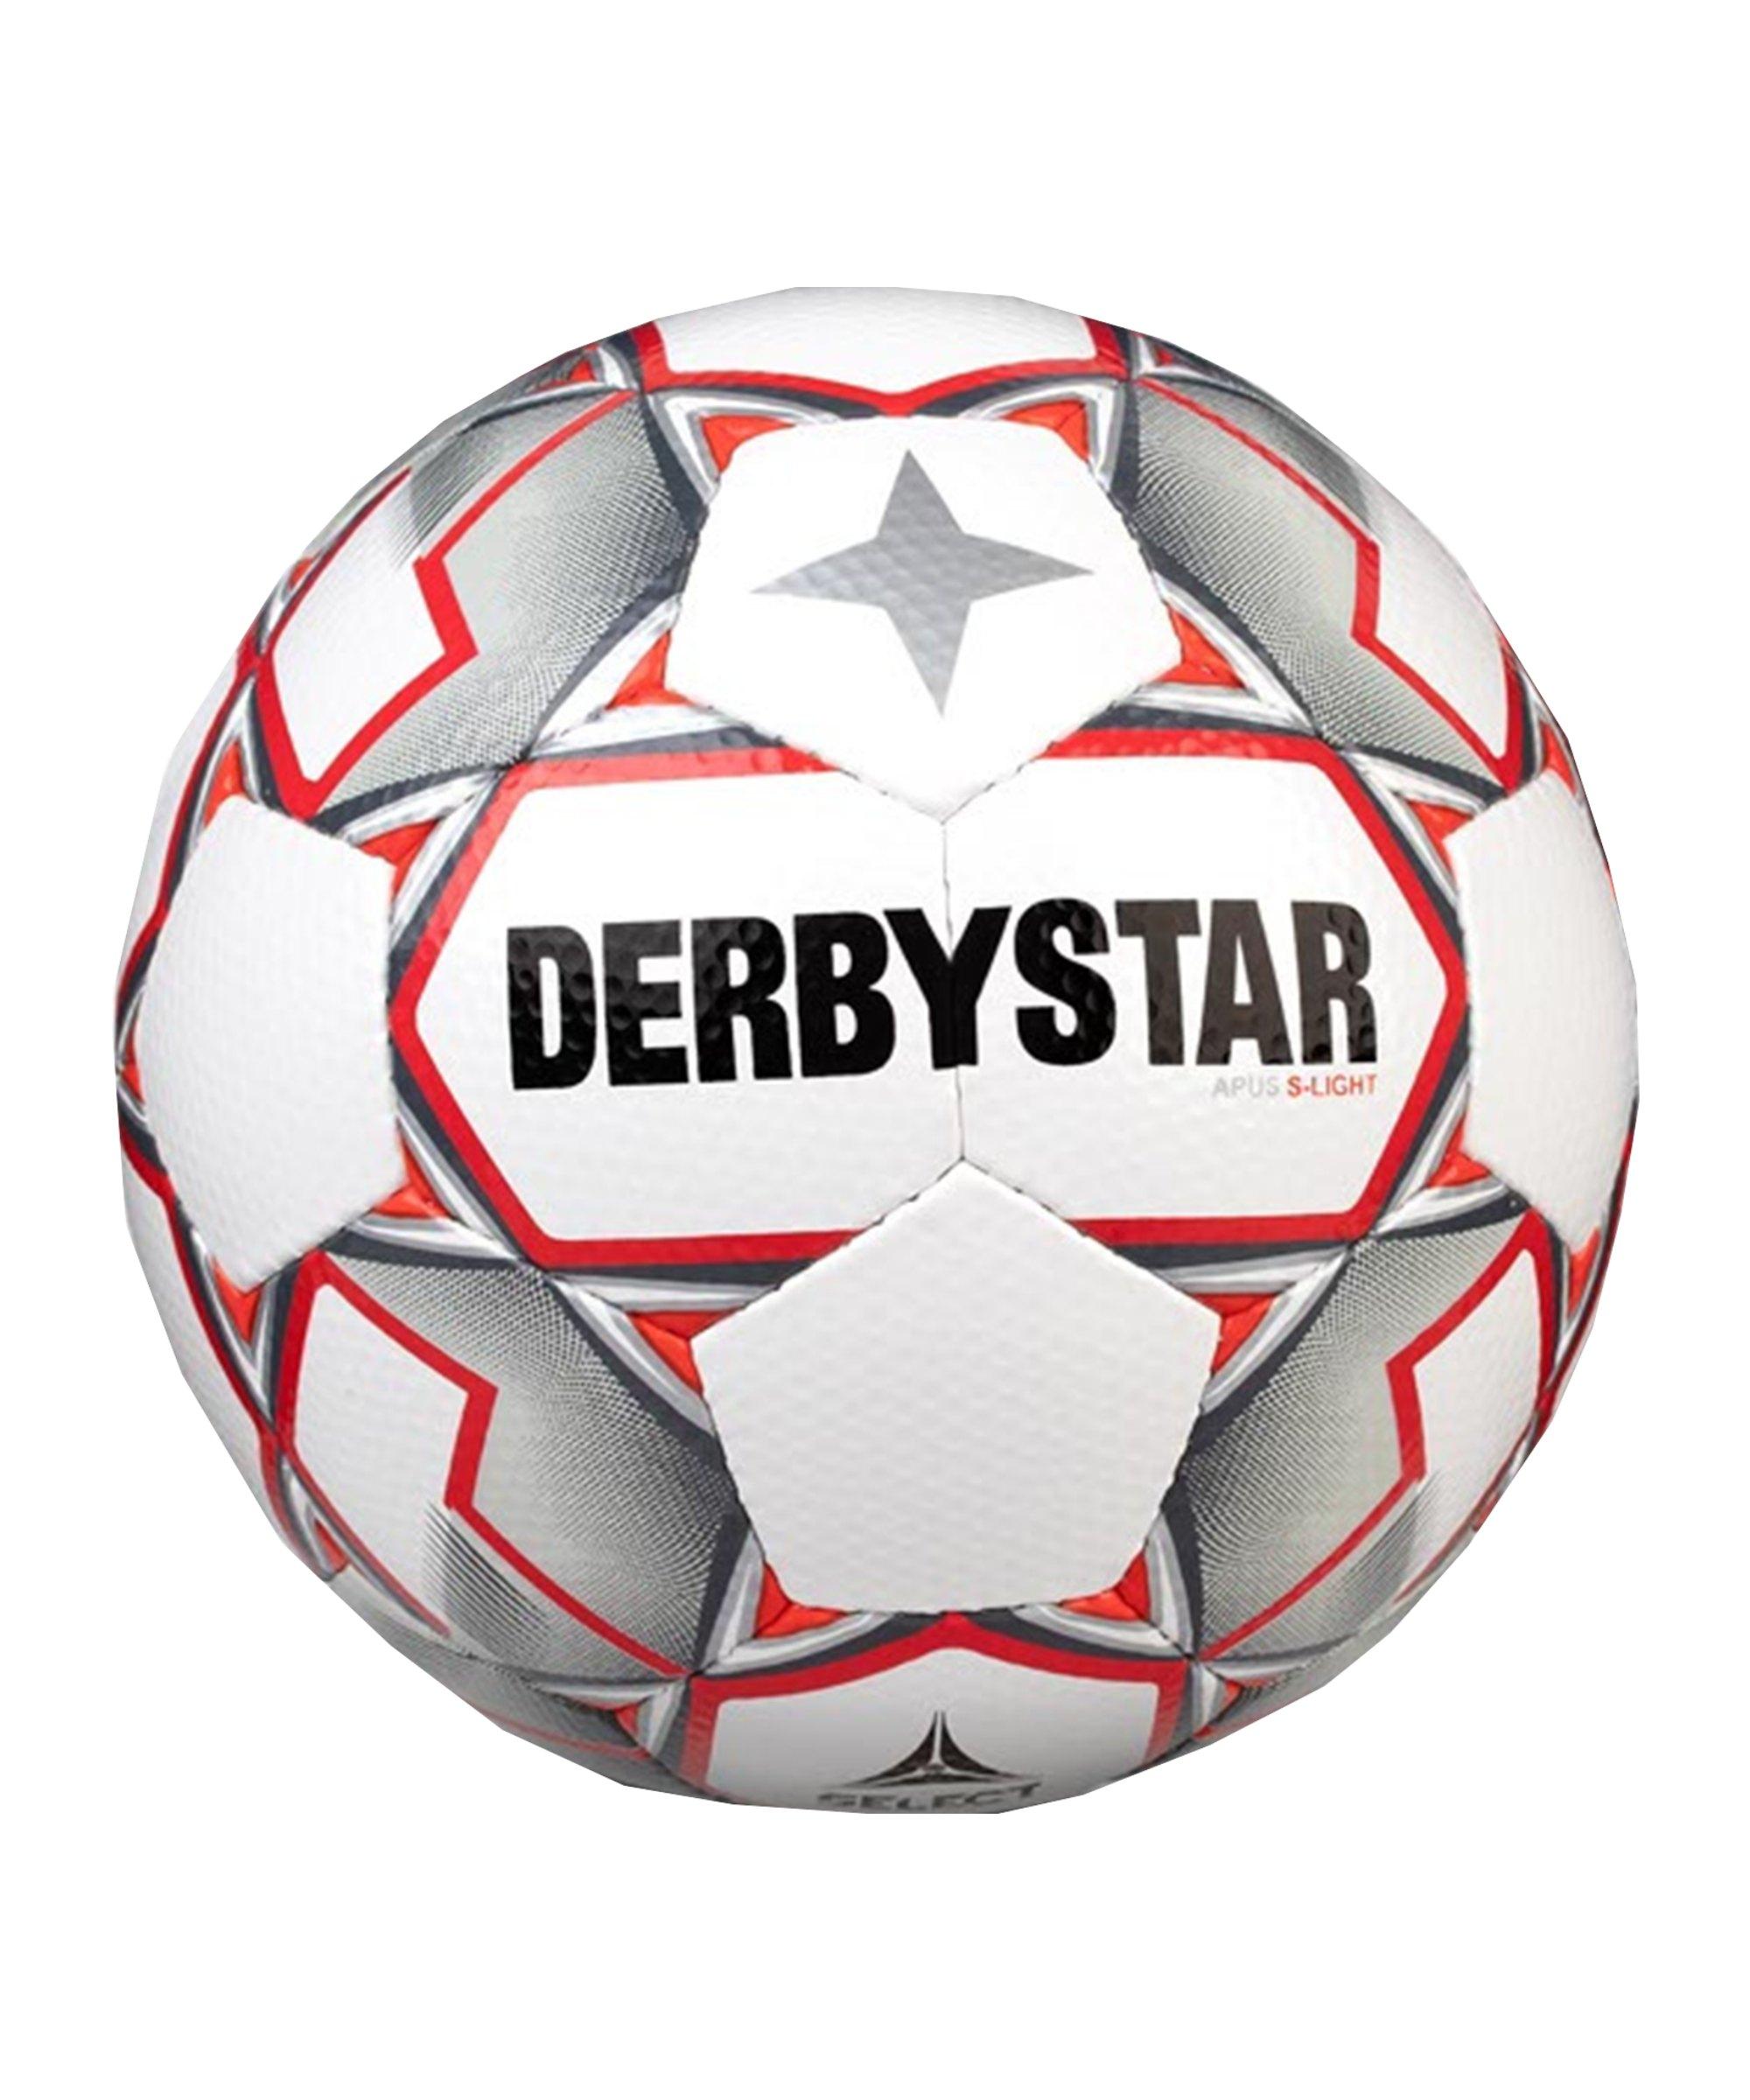 Derbystar Apus S-Light v20 Trainingsball F093 - weiss